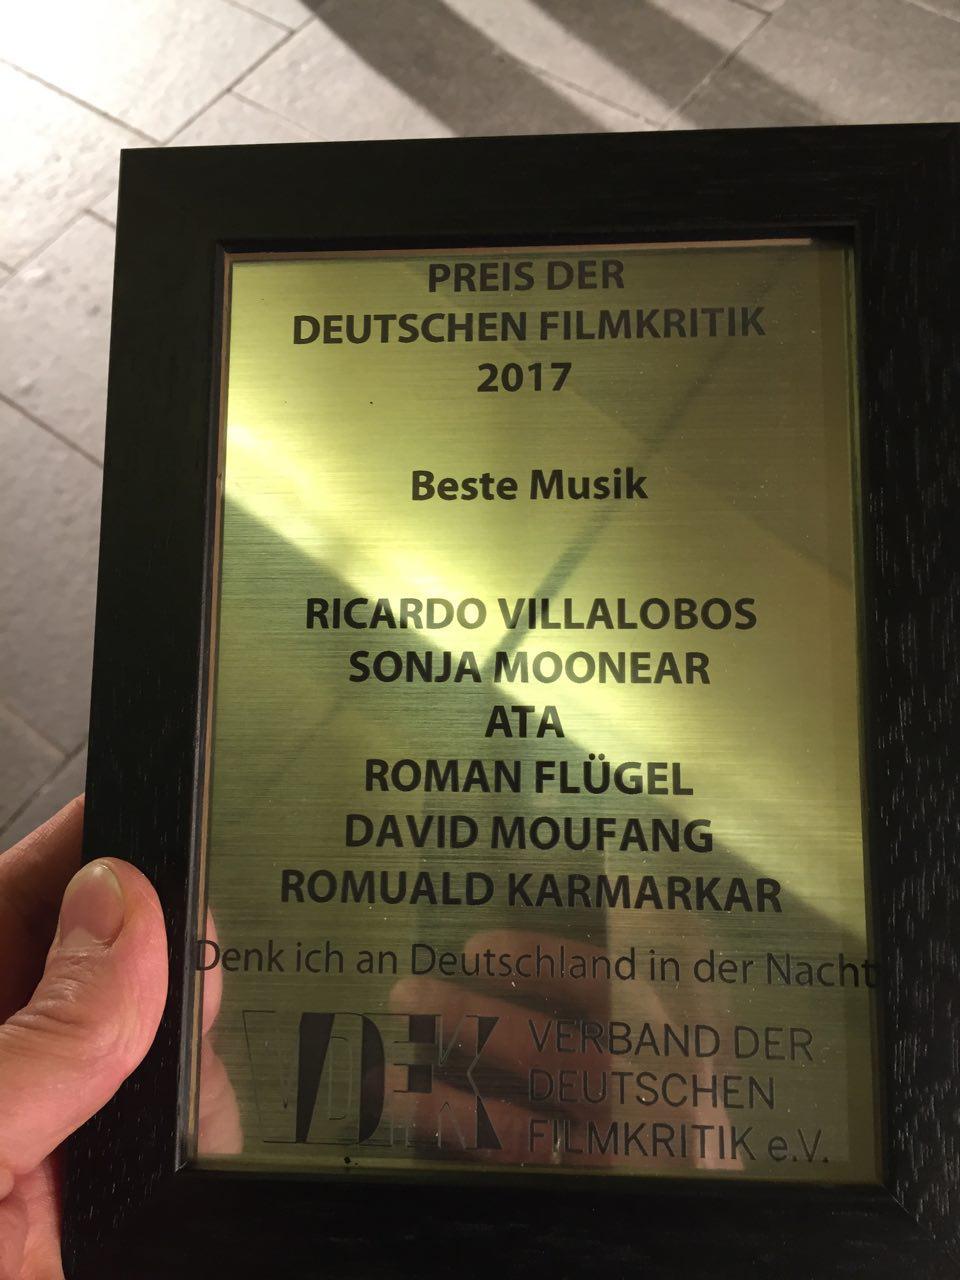 PREIS DER DEUTSCHEN FILMKRITIK 2017 / BESTE MUSIK